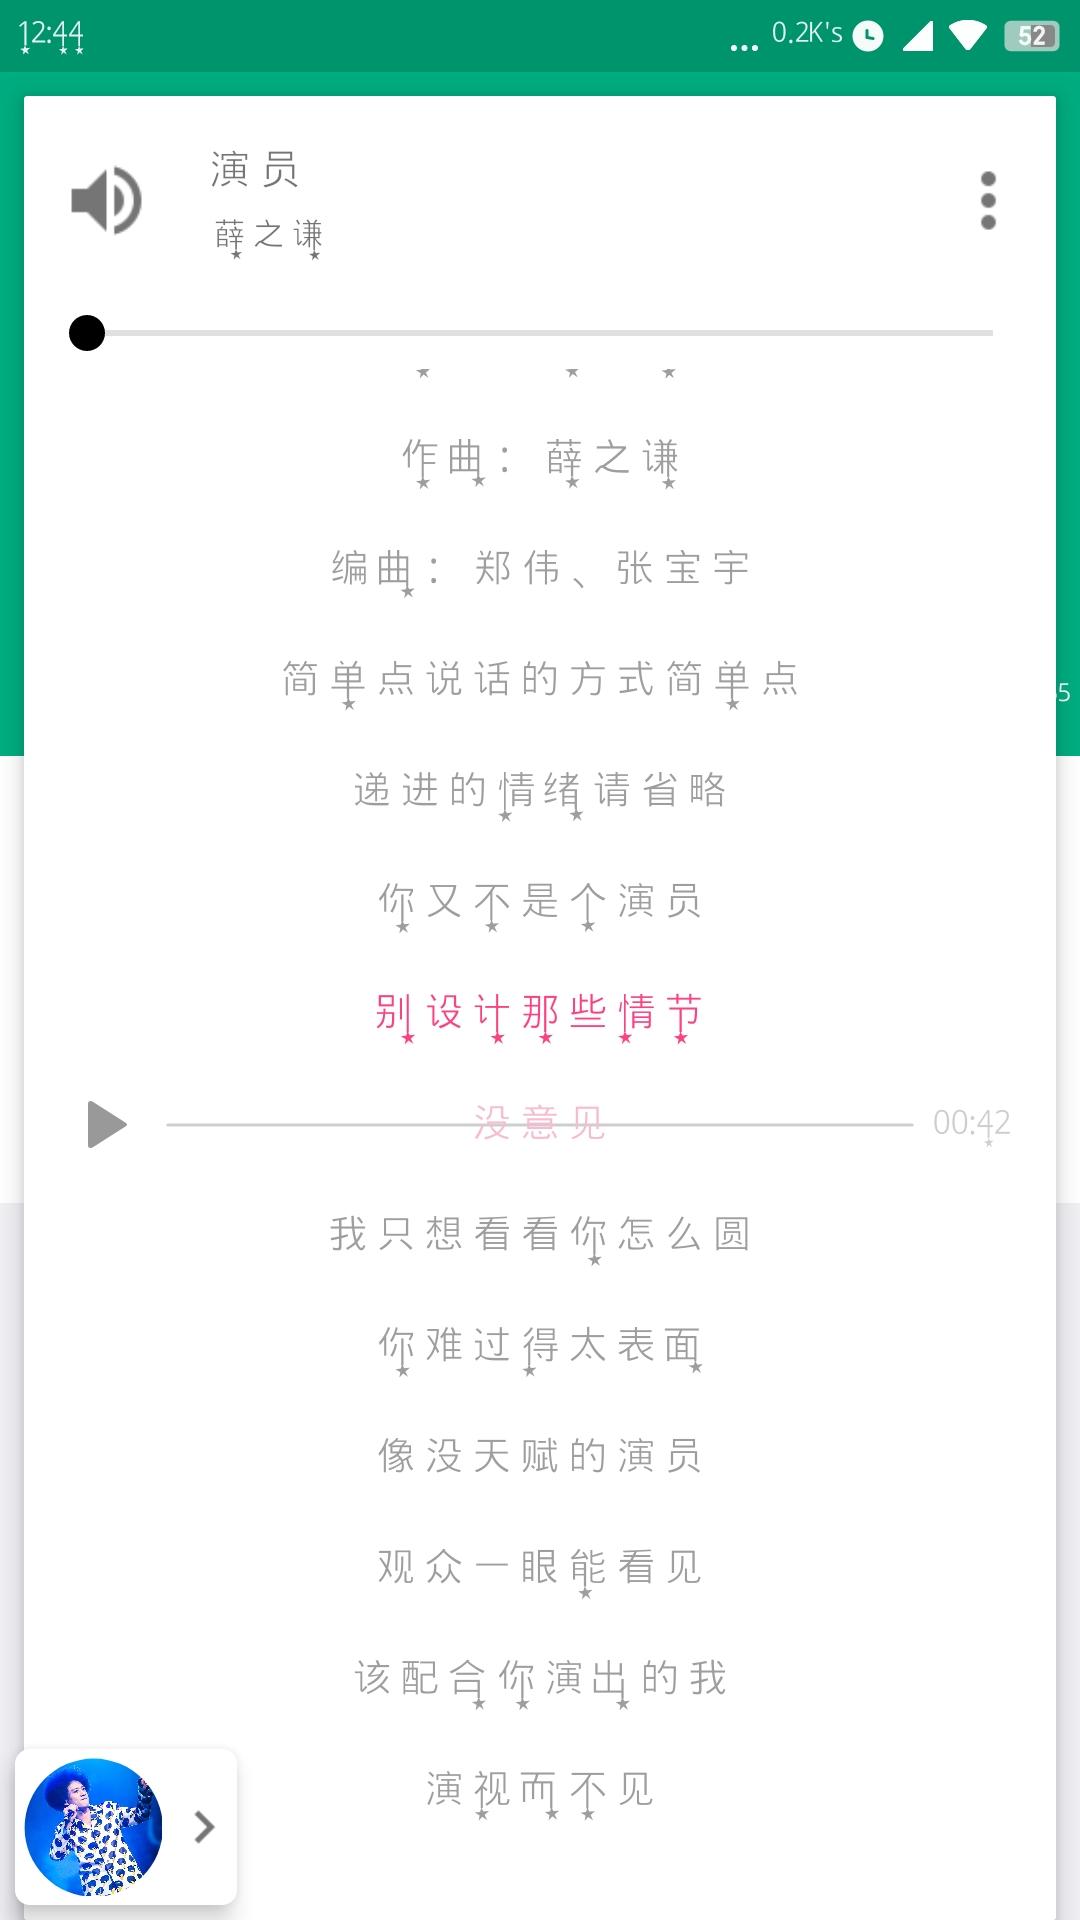 全网vip付费歌曲免费下载(爱音悦)-爱小助